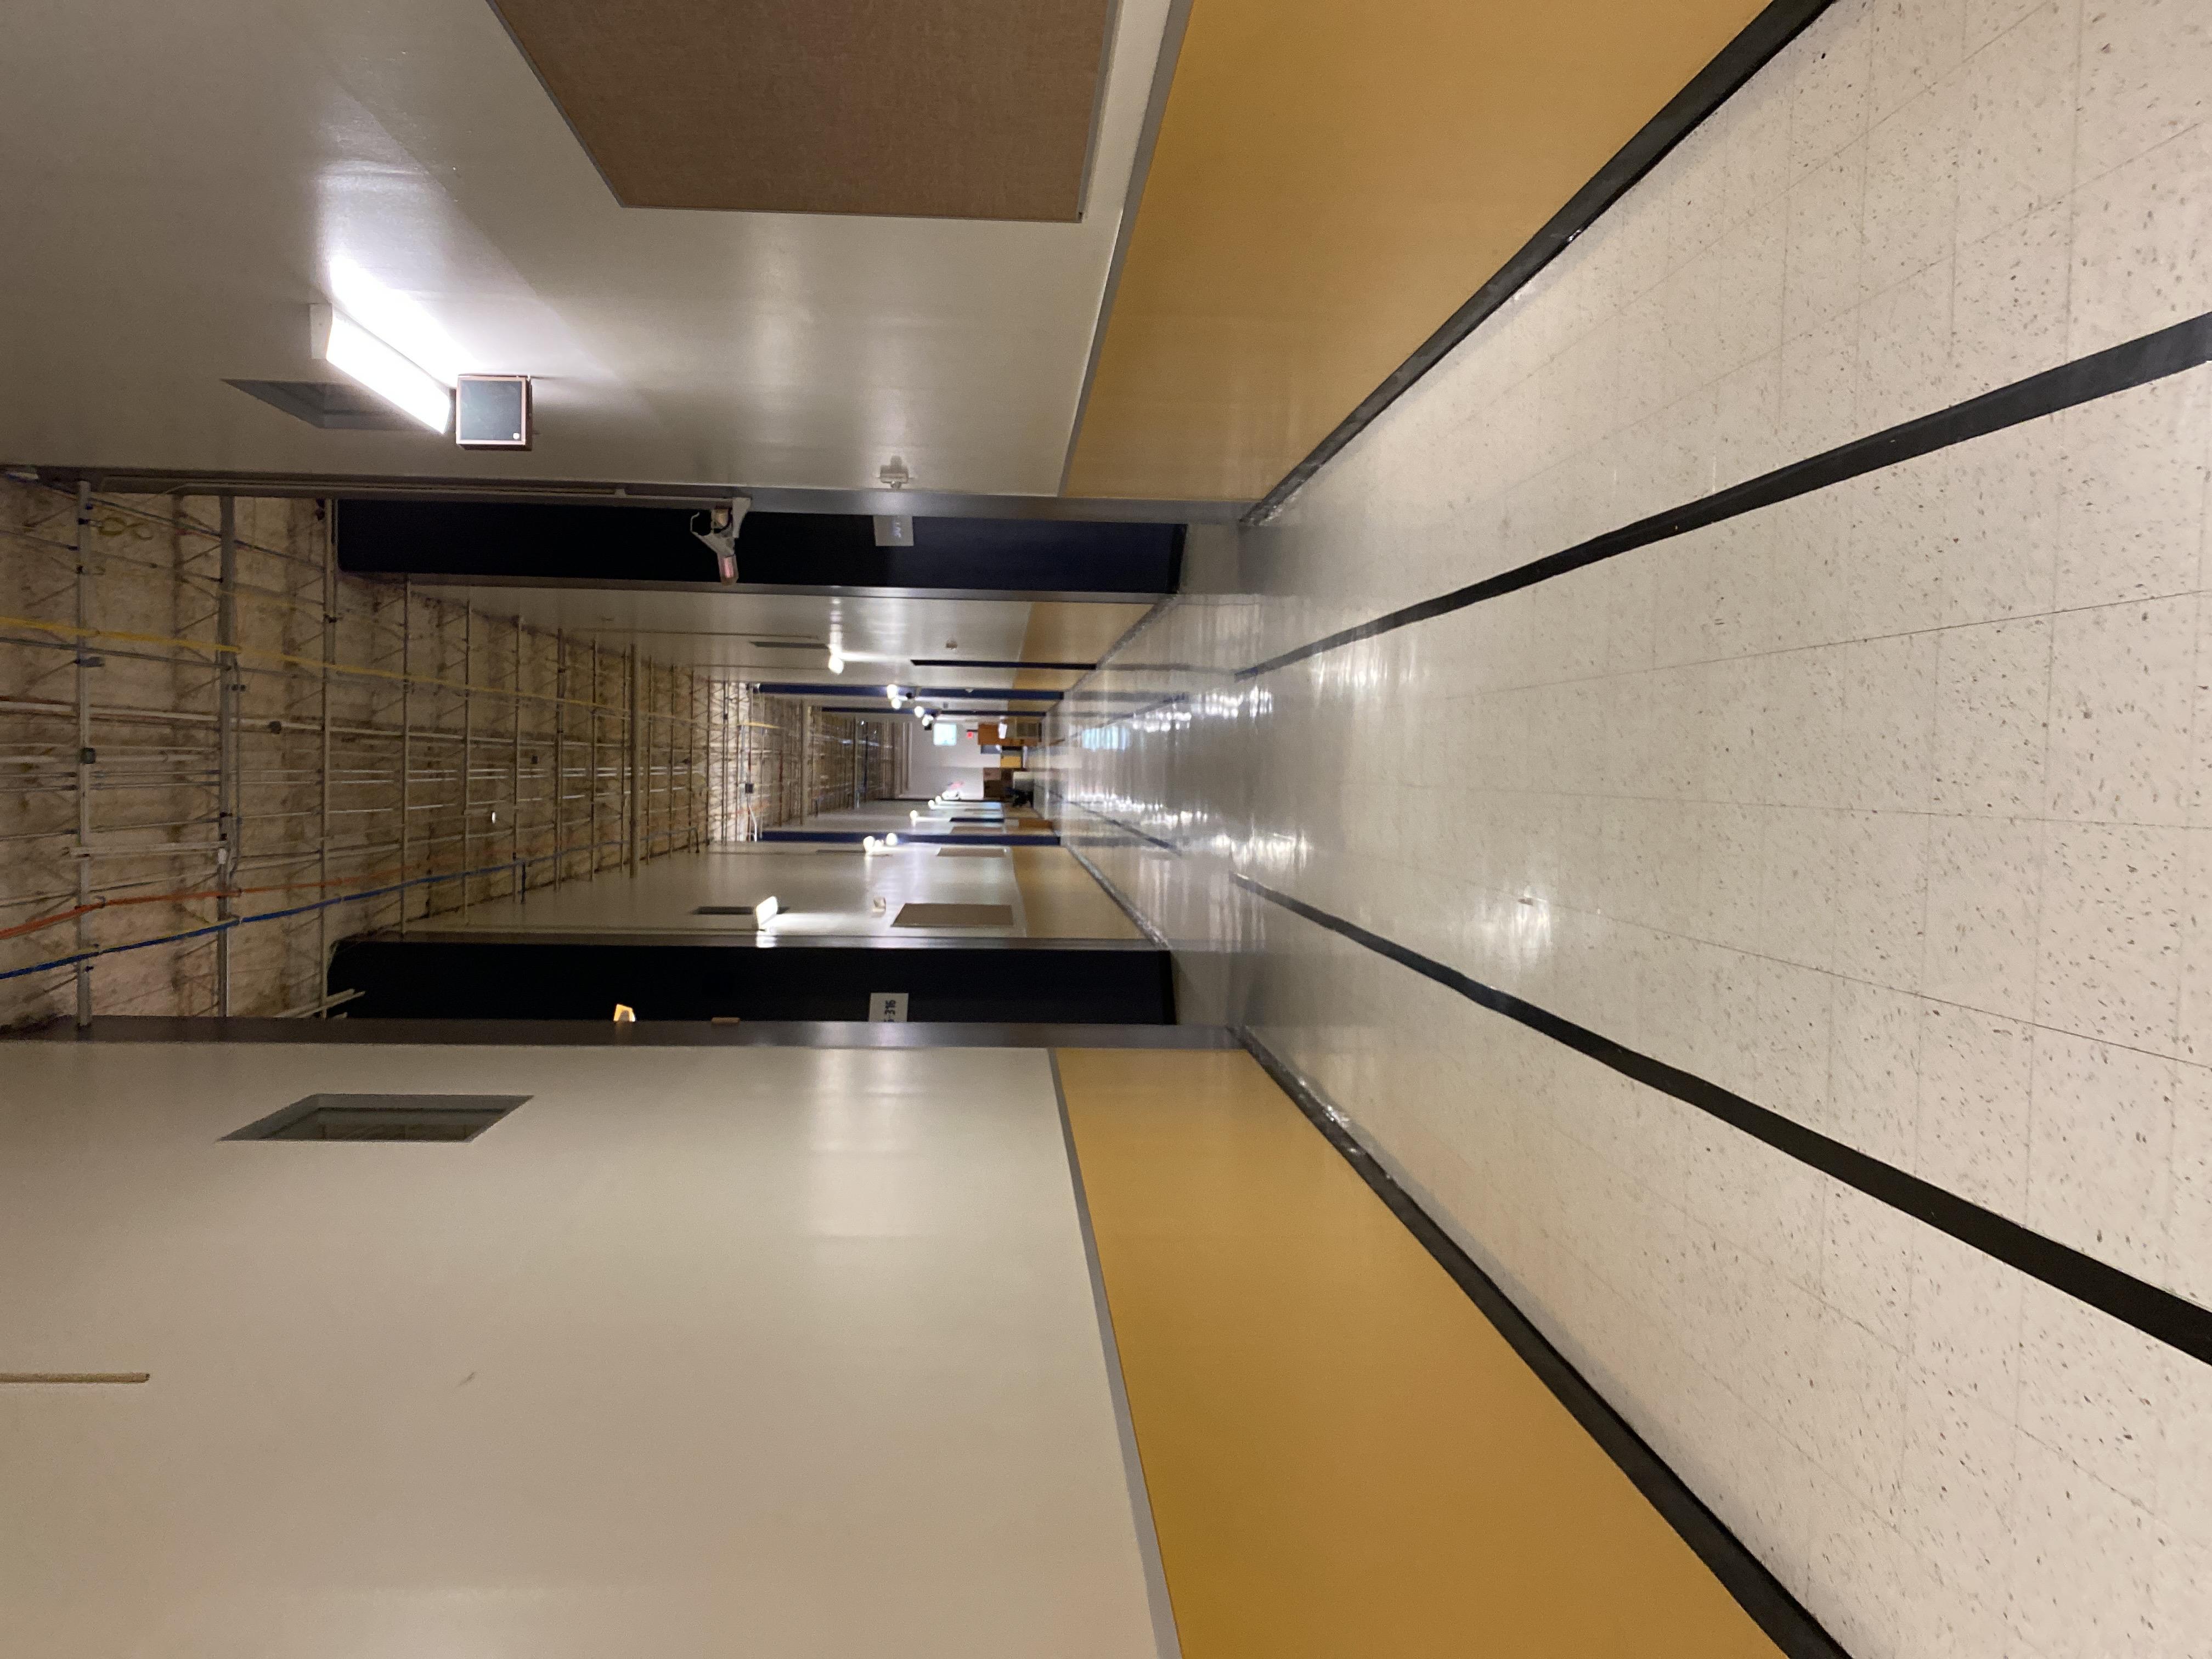 Dallas ISD - Career Institute South